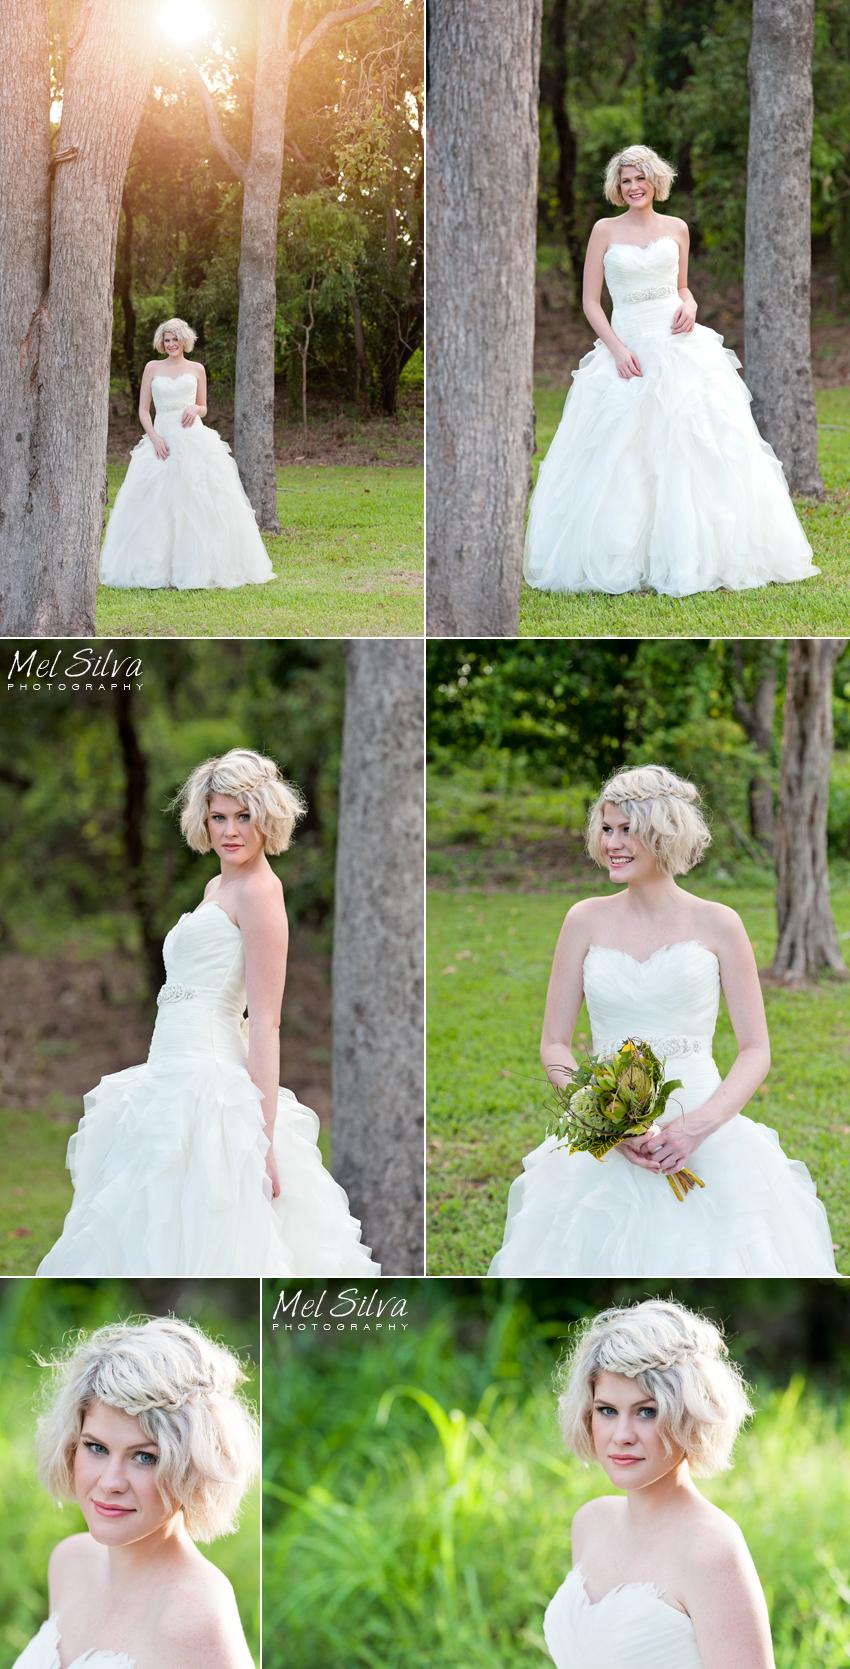 Nt Style Wedding Magazine Styled Bridal Shoot Mel Silva